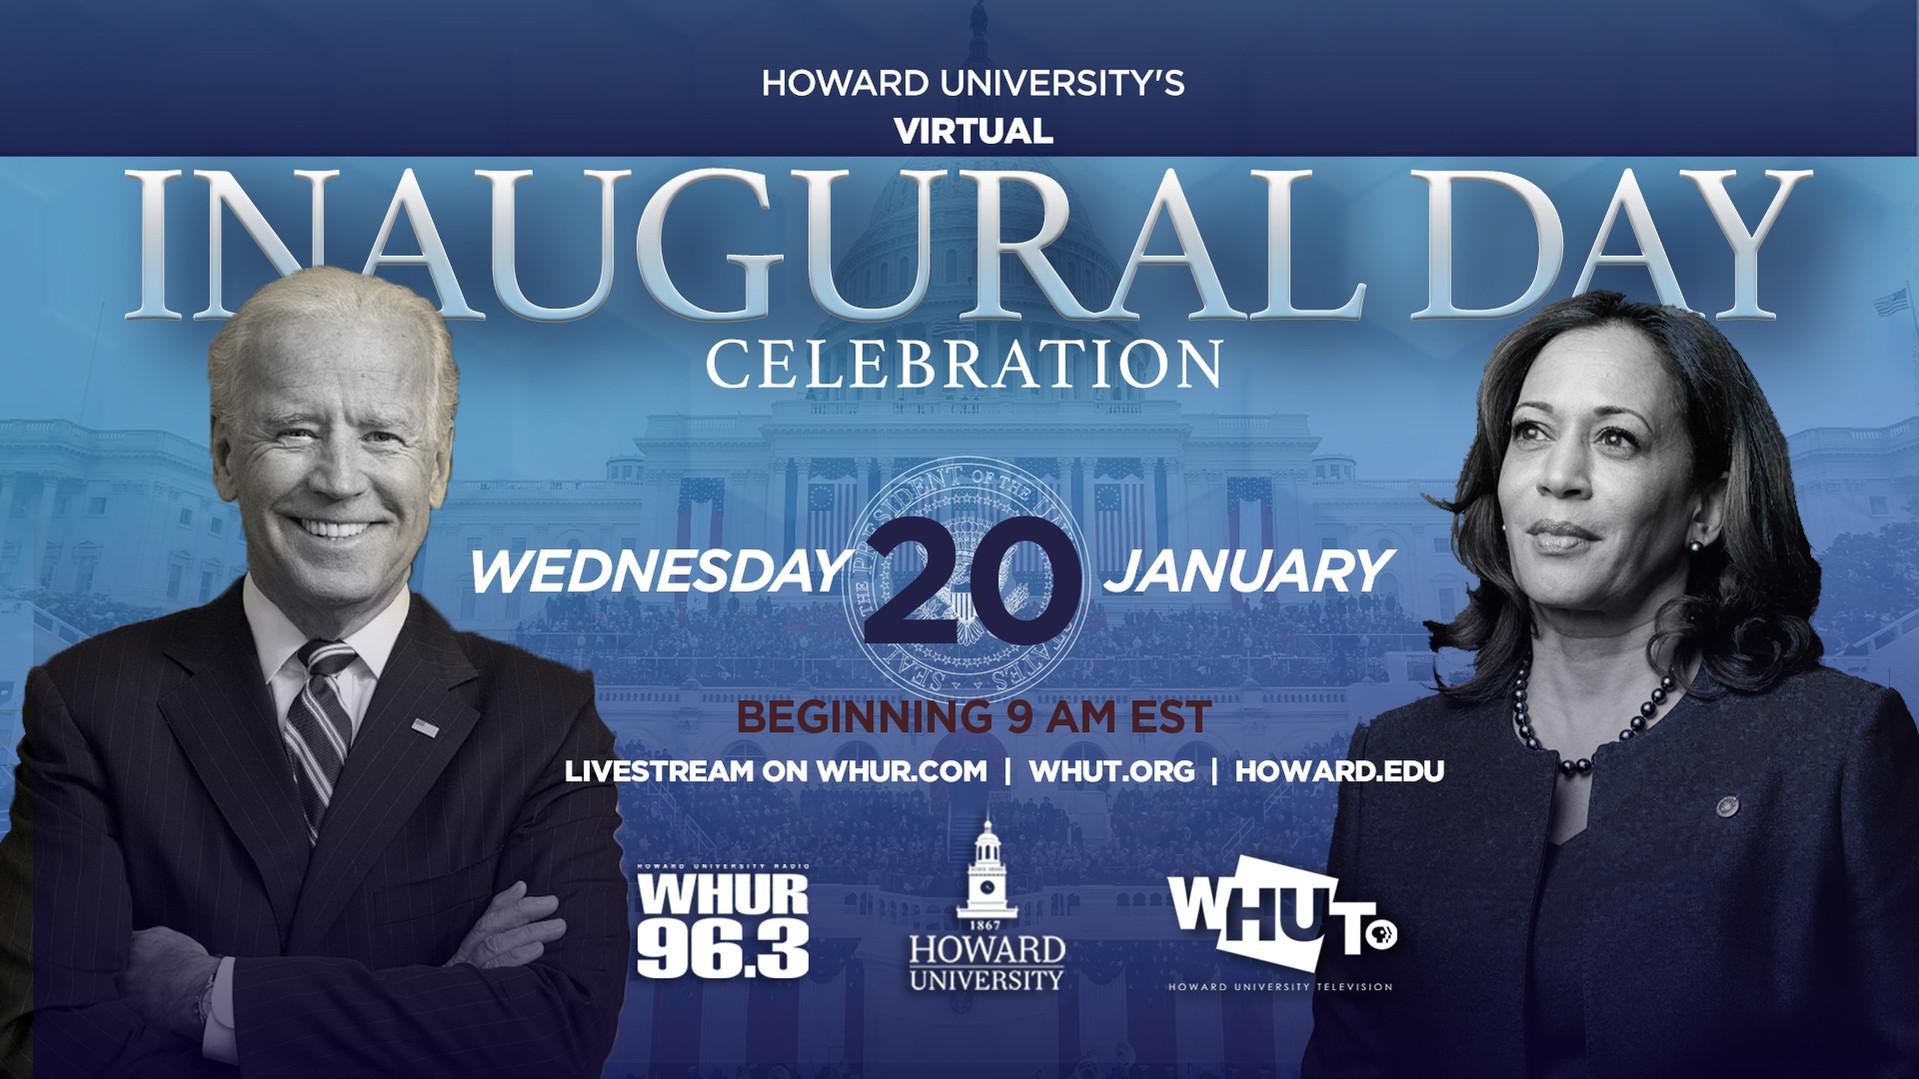 HU Inaugural Day Celebration